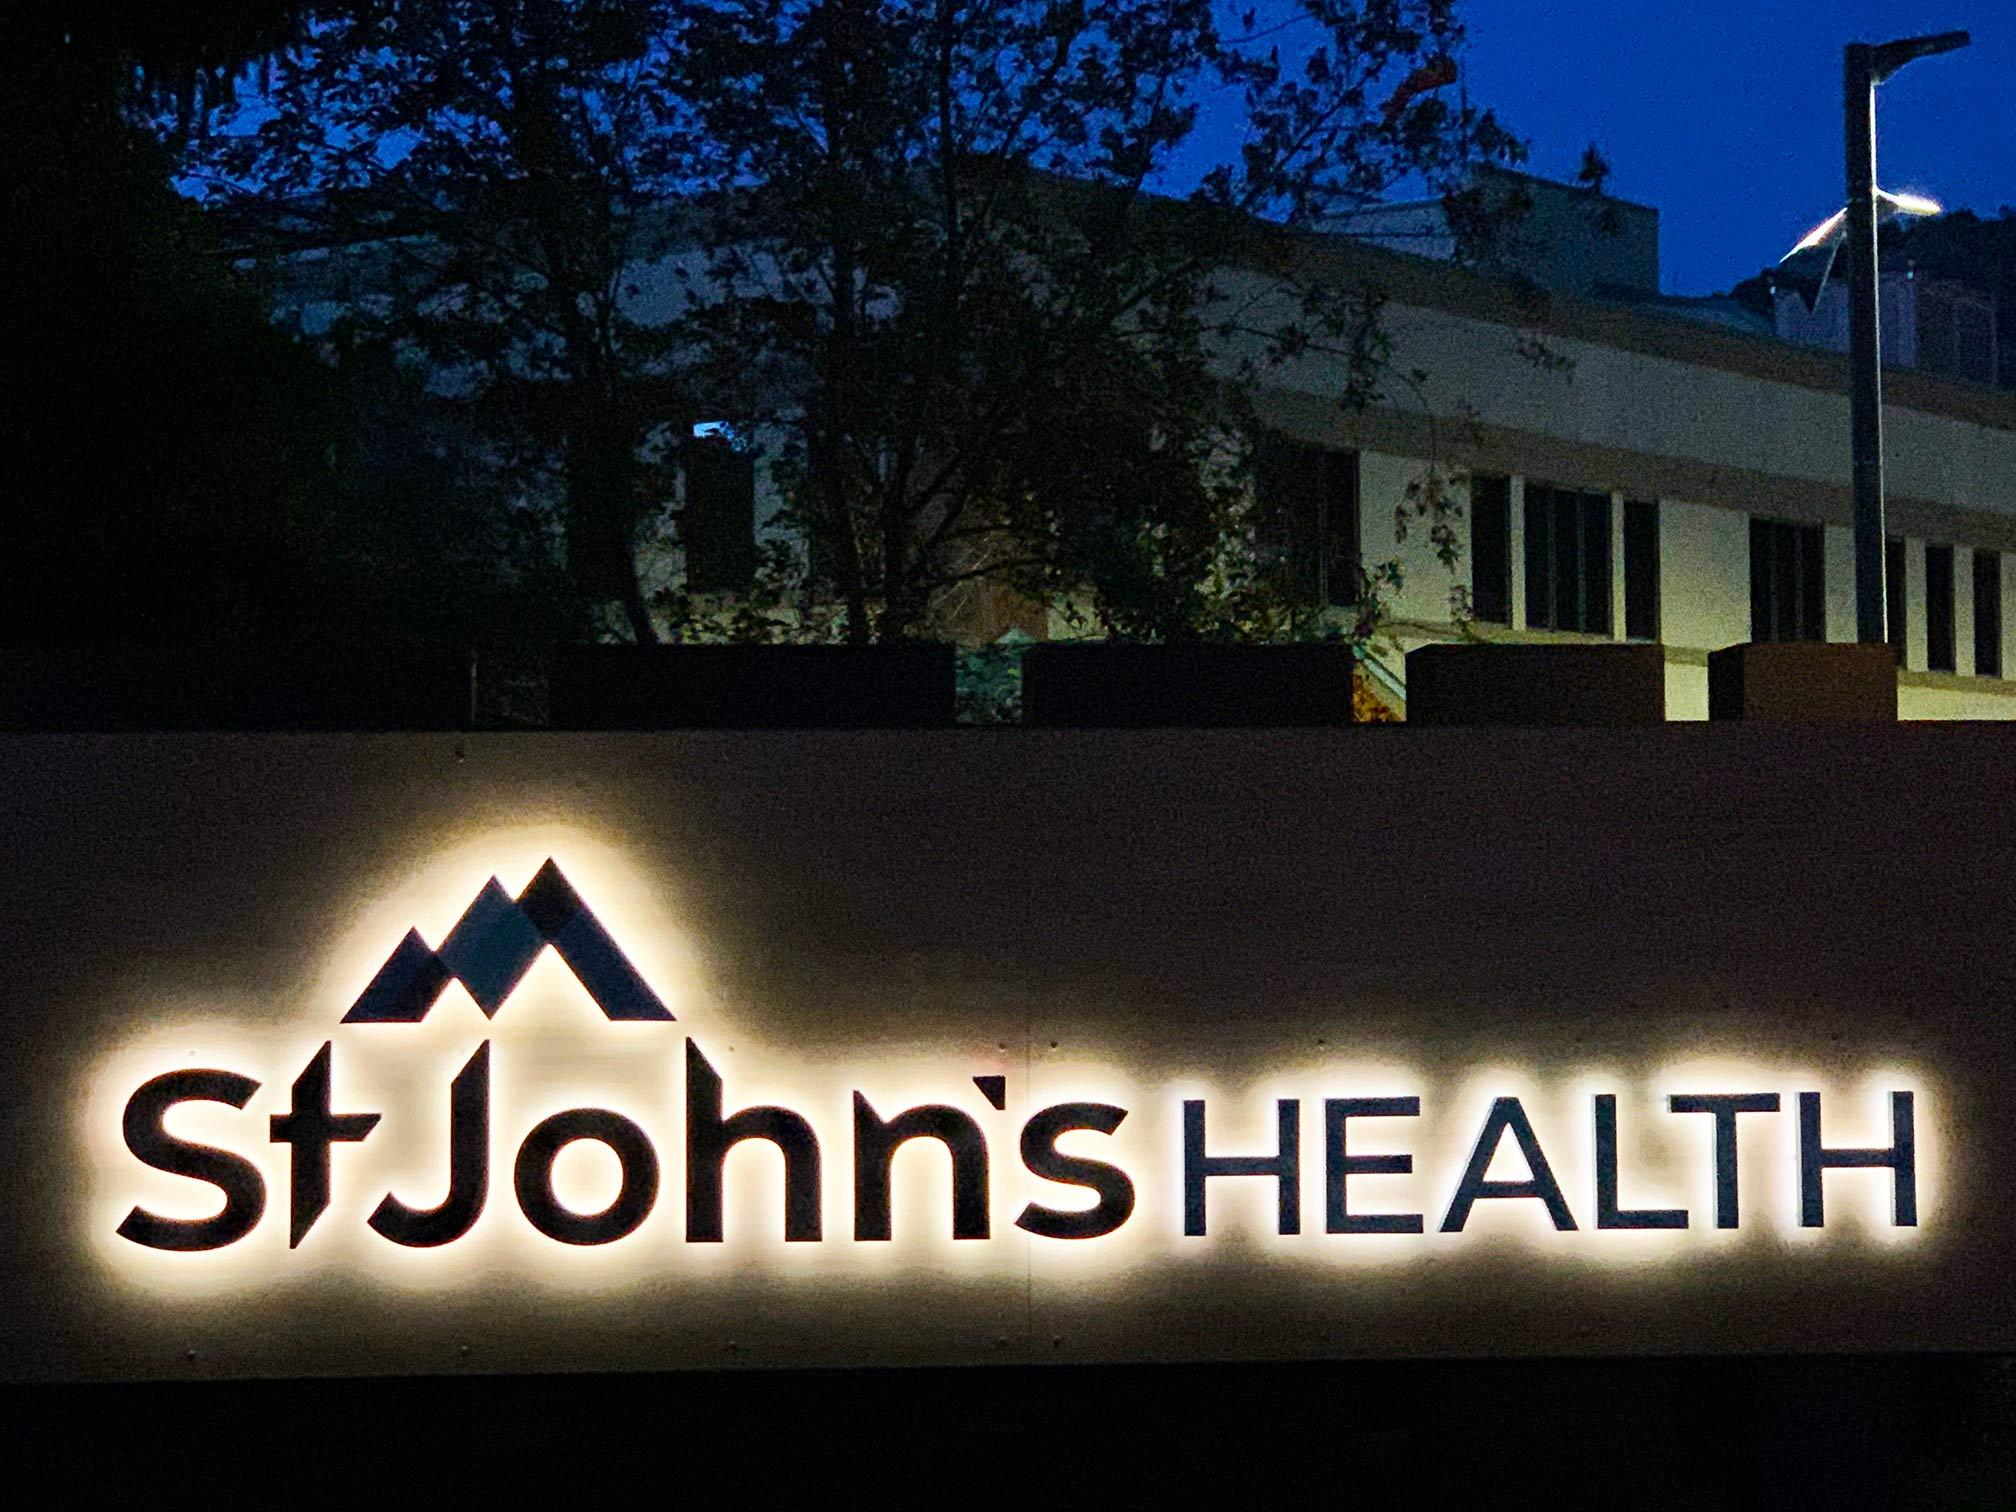 More Honors for St. John's Health